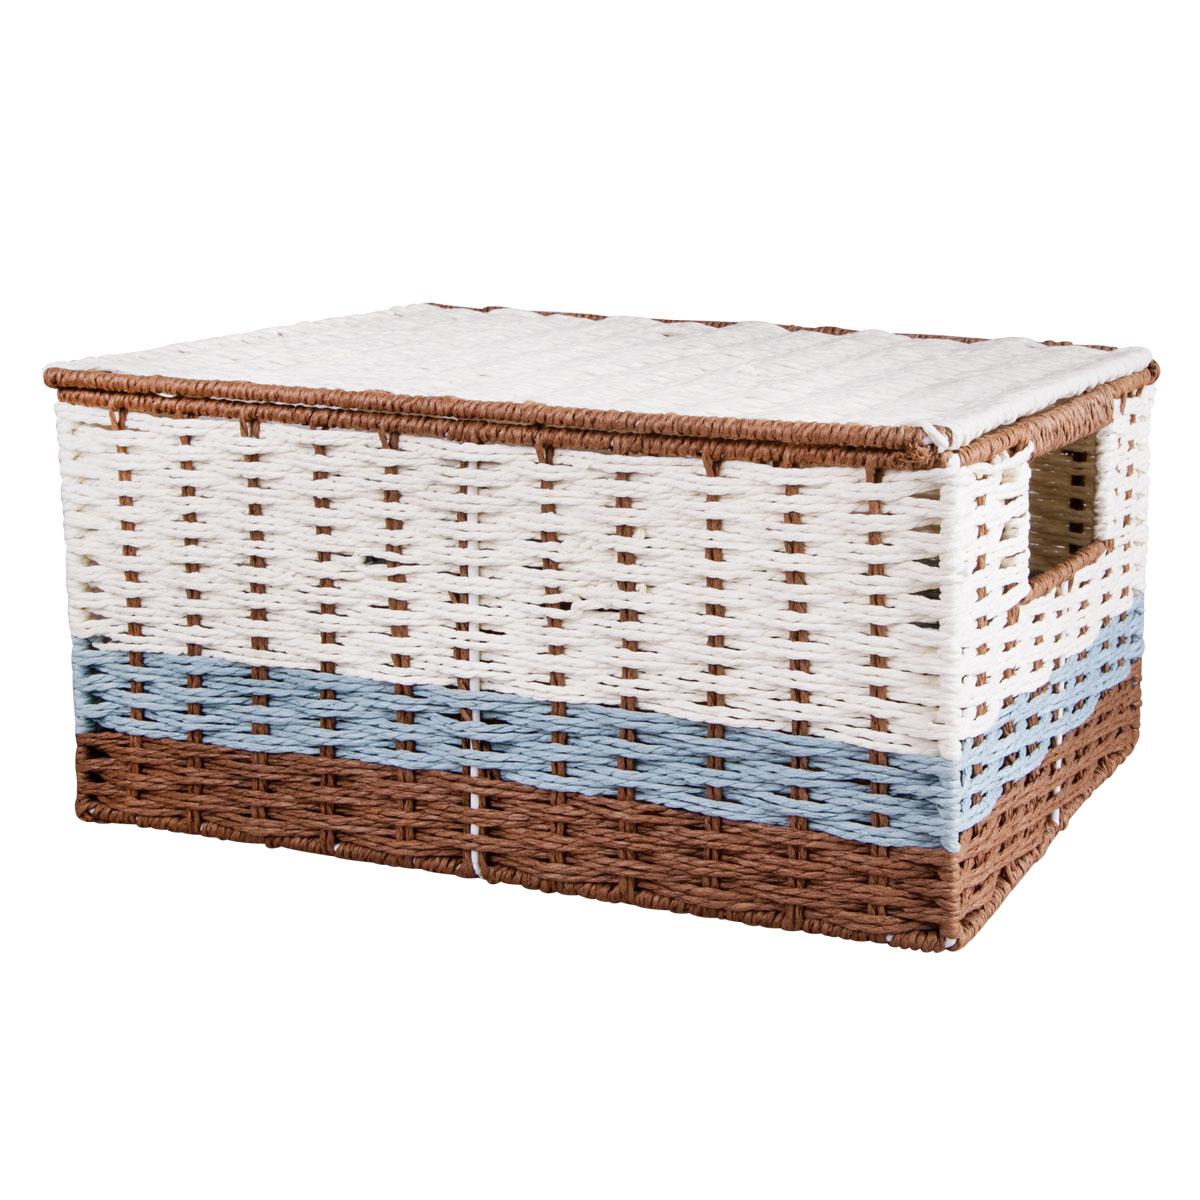 Корзина для хранения Miolla, с крышкой и ручками, 38 х 28 х 18 смBH-UN0502( R)Вместительная плетеная корзина для хранения Miolla - отличное решение для хранения. Корзина имеет жесткую конструкцию, снабжена ручками и крышкой. Подходит для хранения бытовых вещей, аксессуаров для рукоделия и других вещей дома и на даче. Экономьте полезное пространство своего дома, уберите ненужные вещи в удобную корзину и используйте ее для хранения дорогих сердцу вещей, которые нужно сберечь в целости и сохранности.